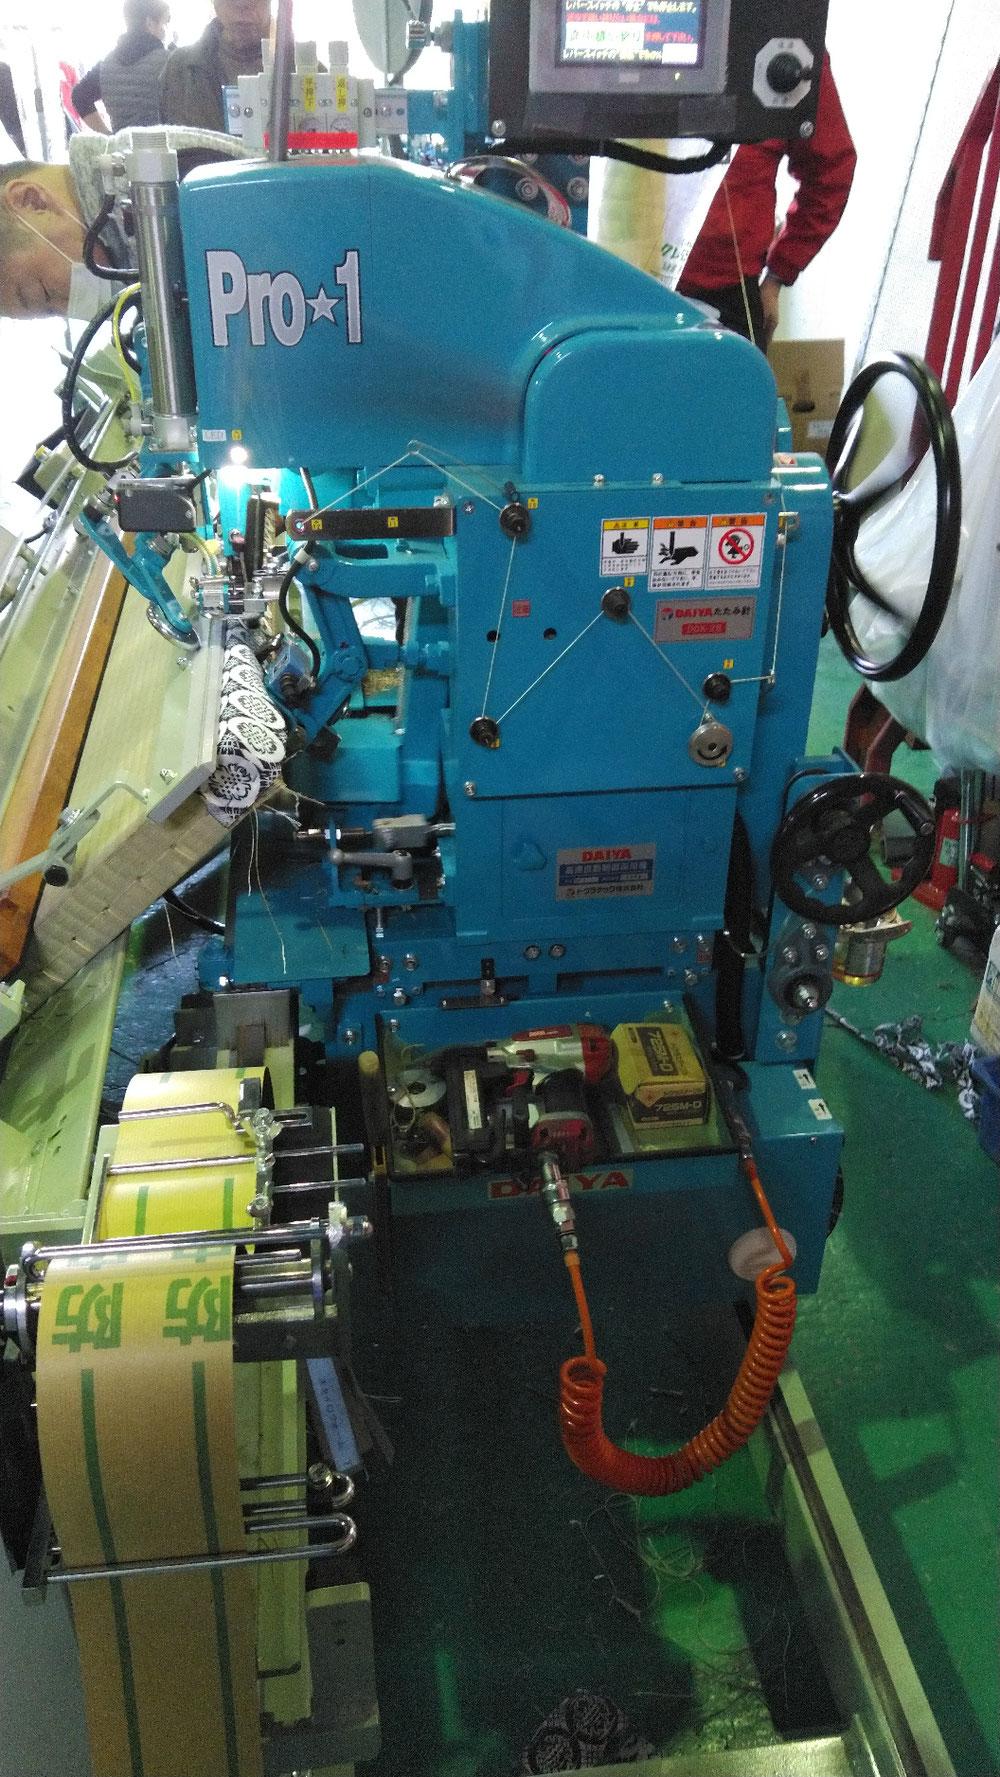 現在販売されている、畳機械の縁付き用です。